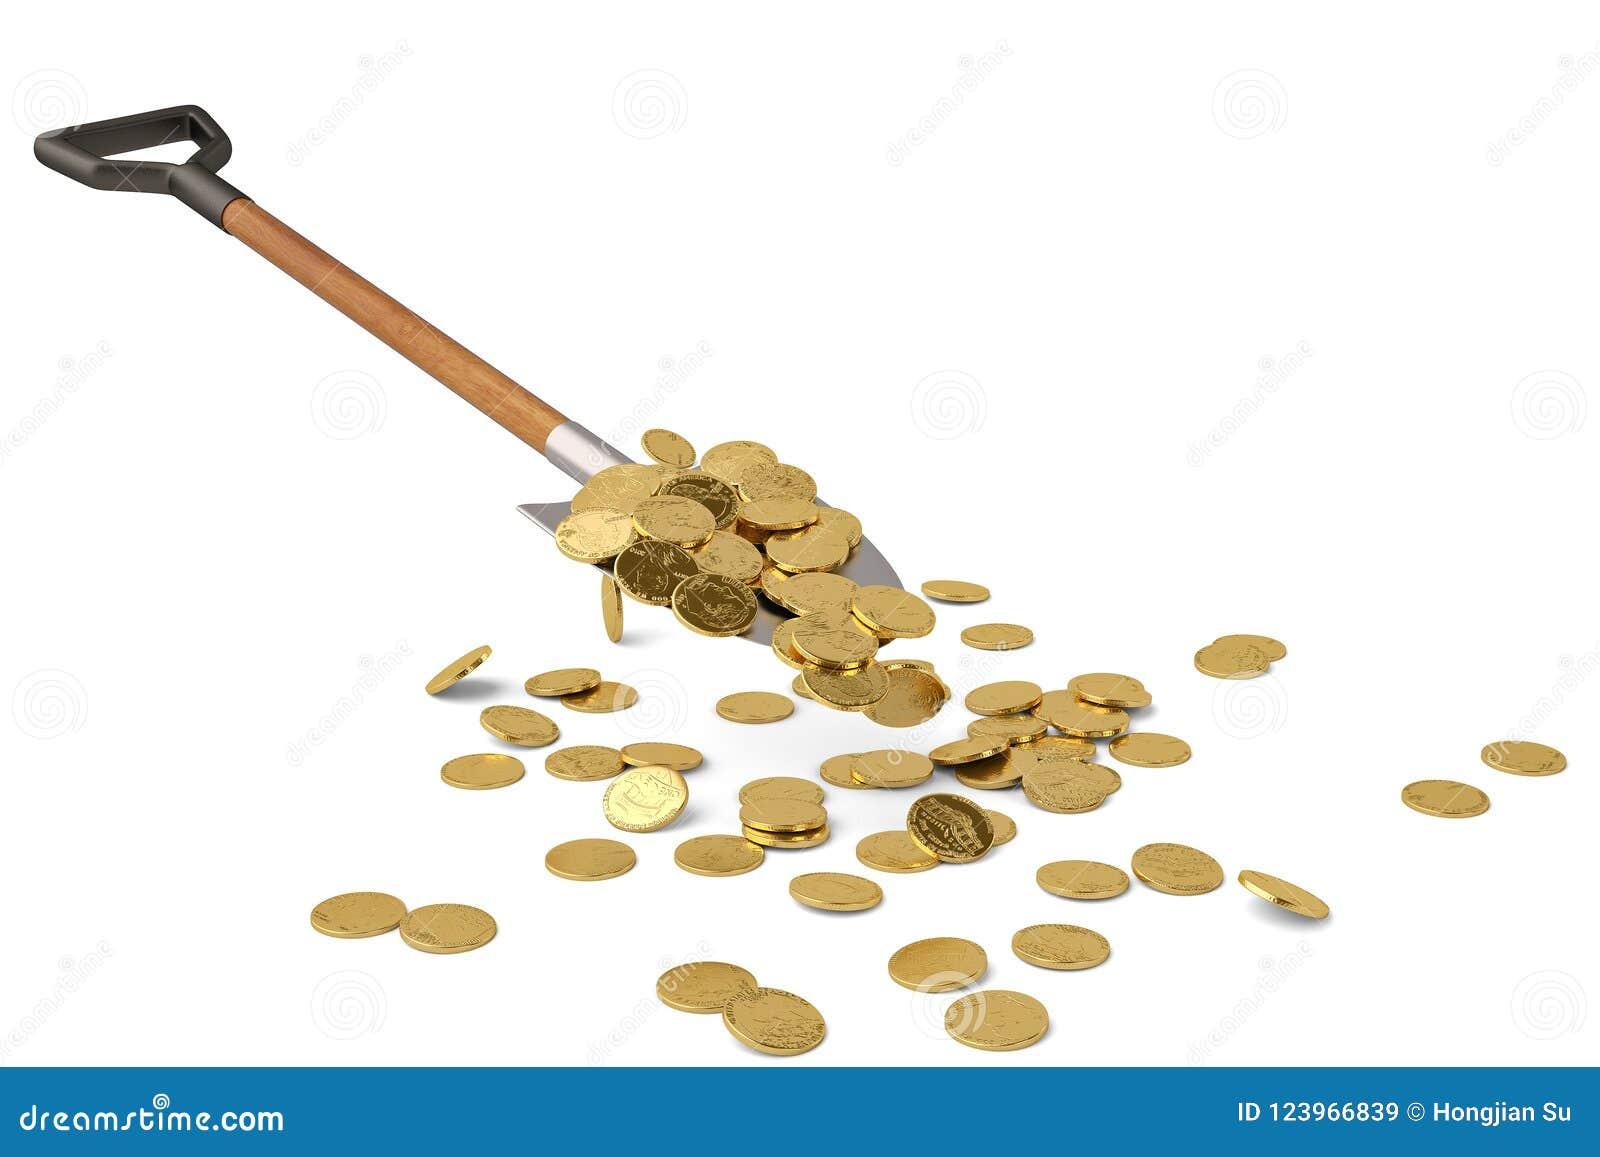 Gold coins on shovel on white background 3D illustration.